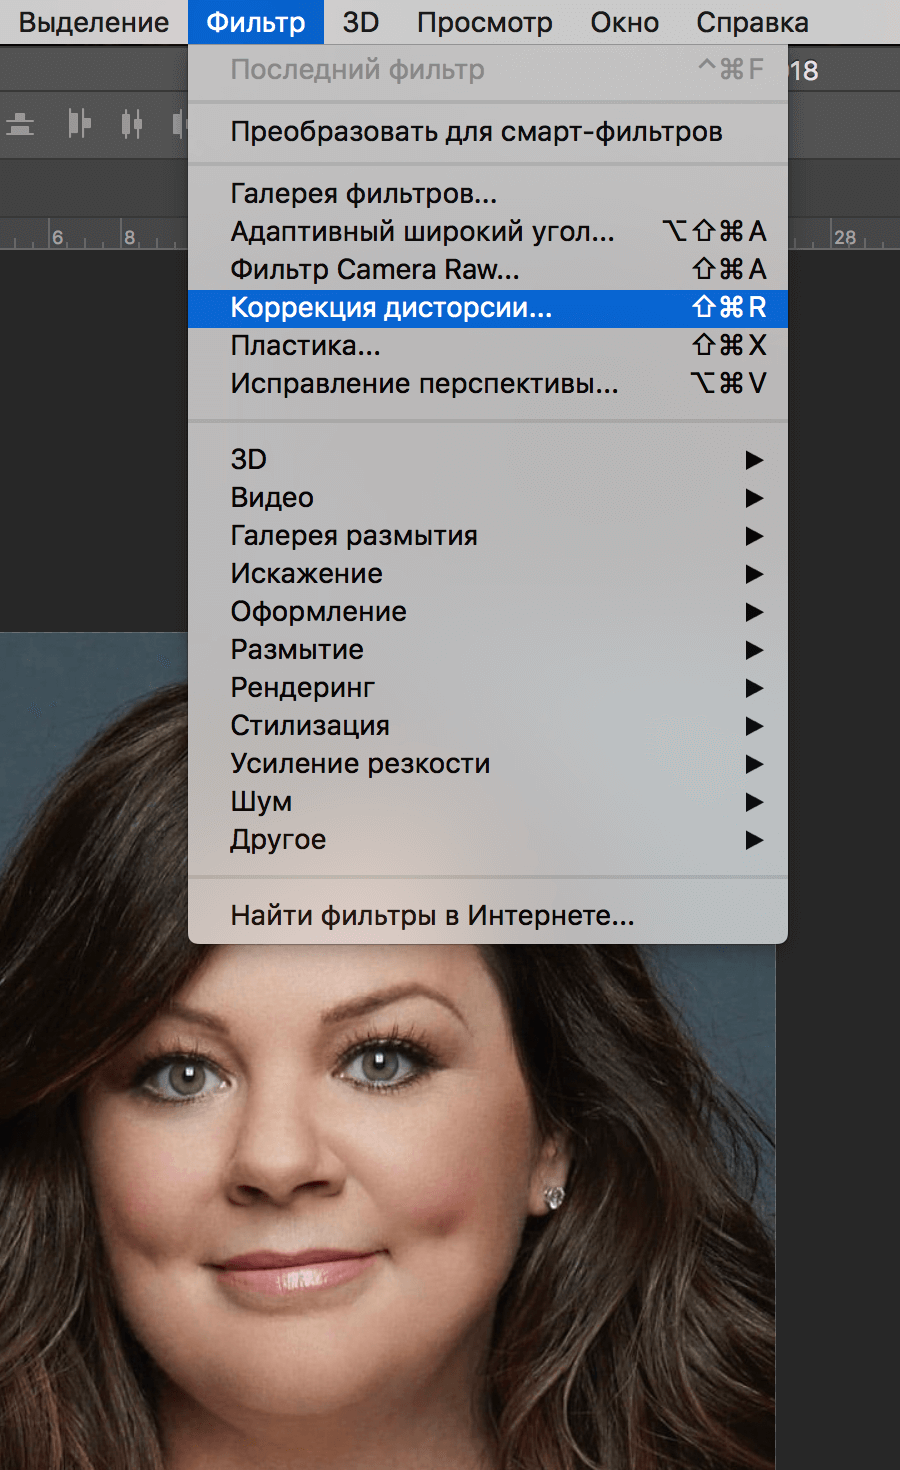 Как сделать лицо более худым в Photoshop